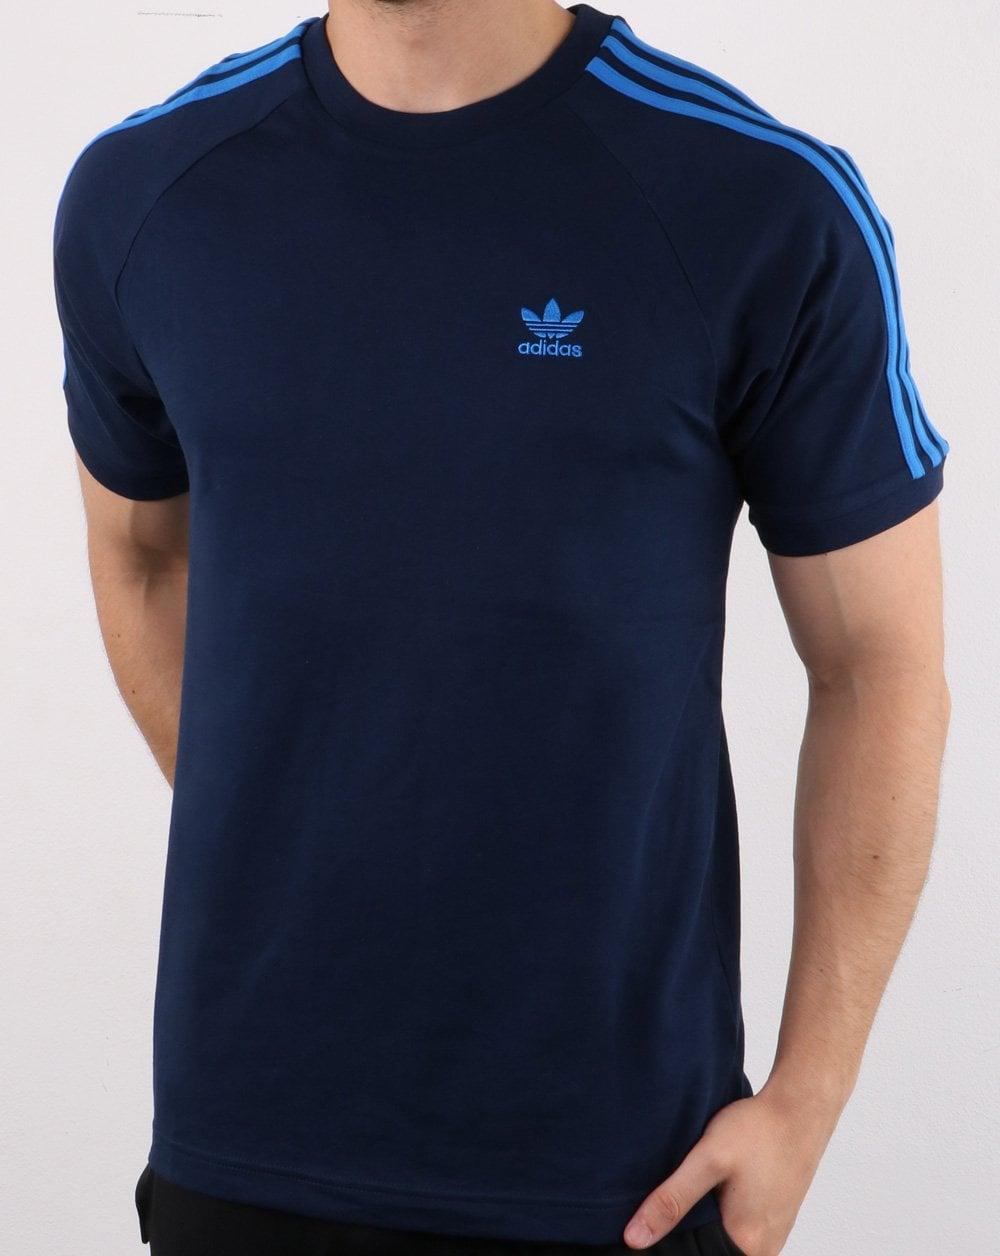 Adidas Originals 3 Stripe T Shirt Collegiate Navy